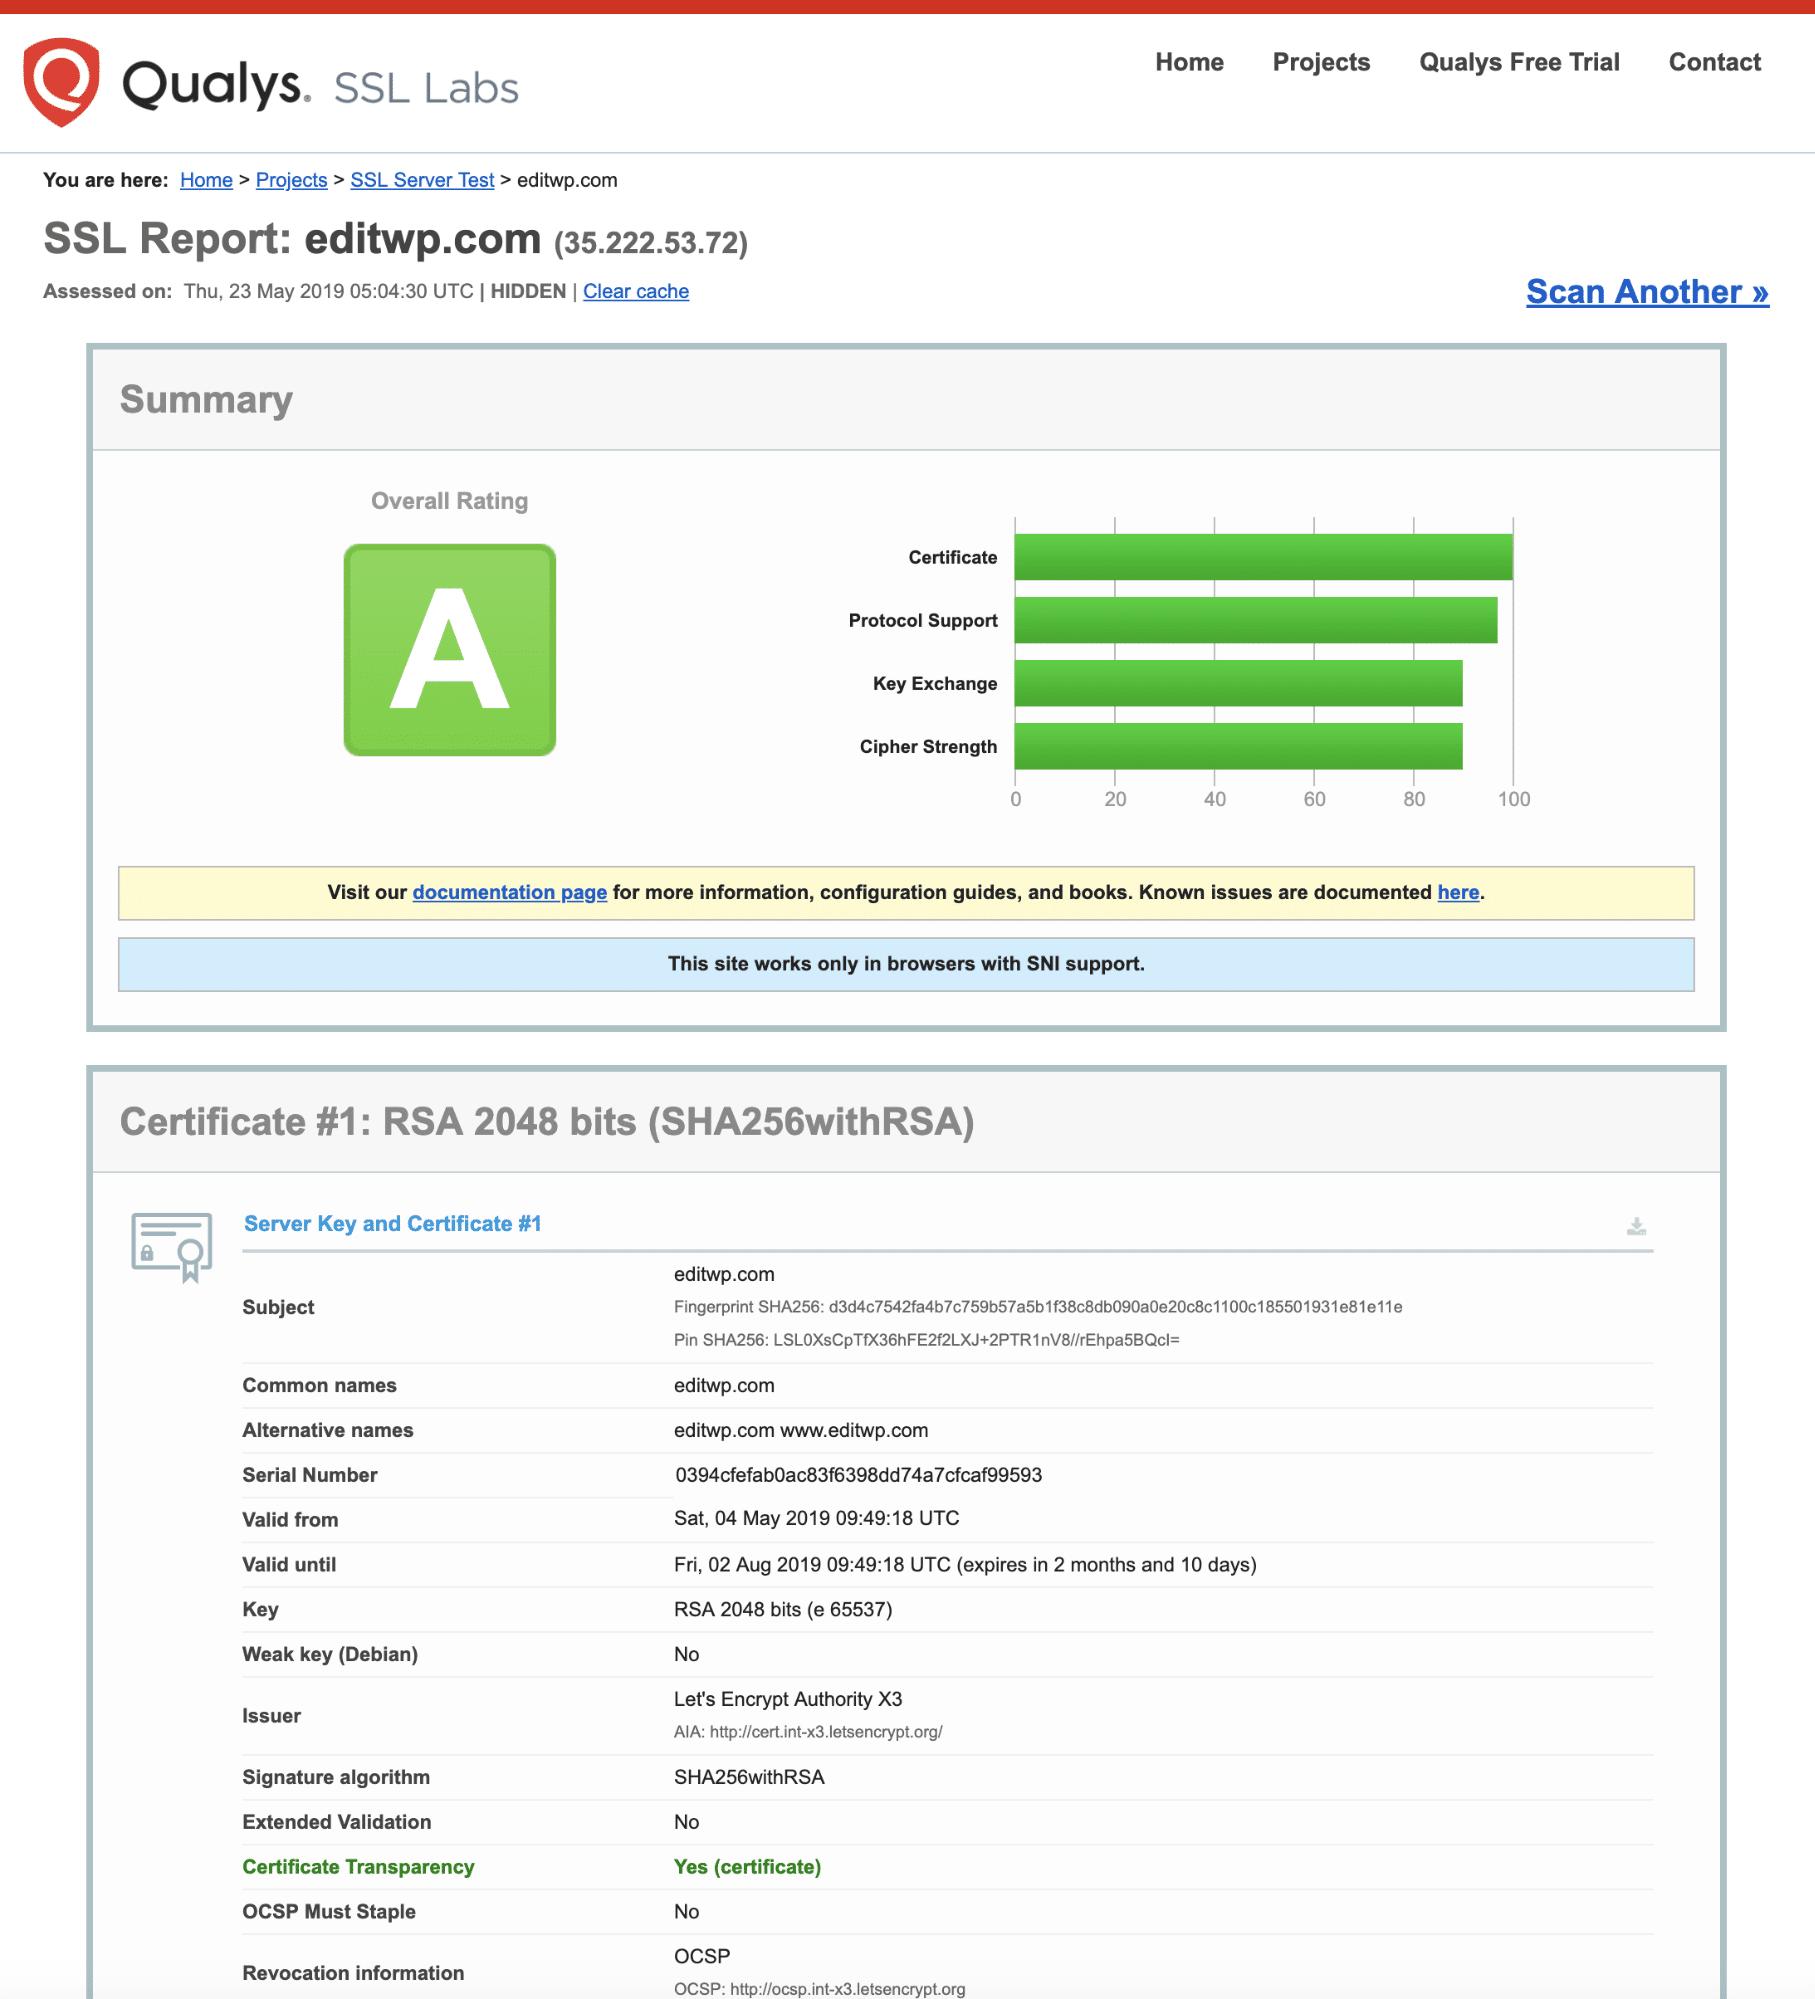 Relatório SSL do Qualys